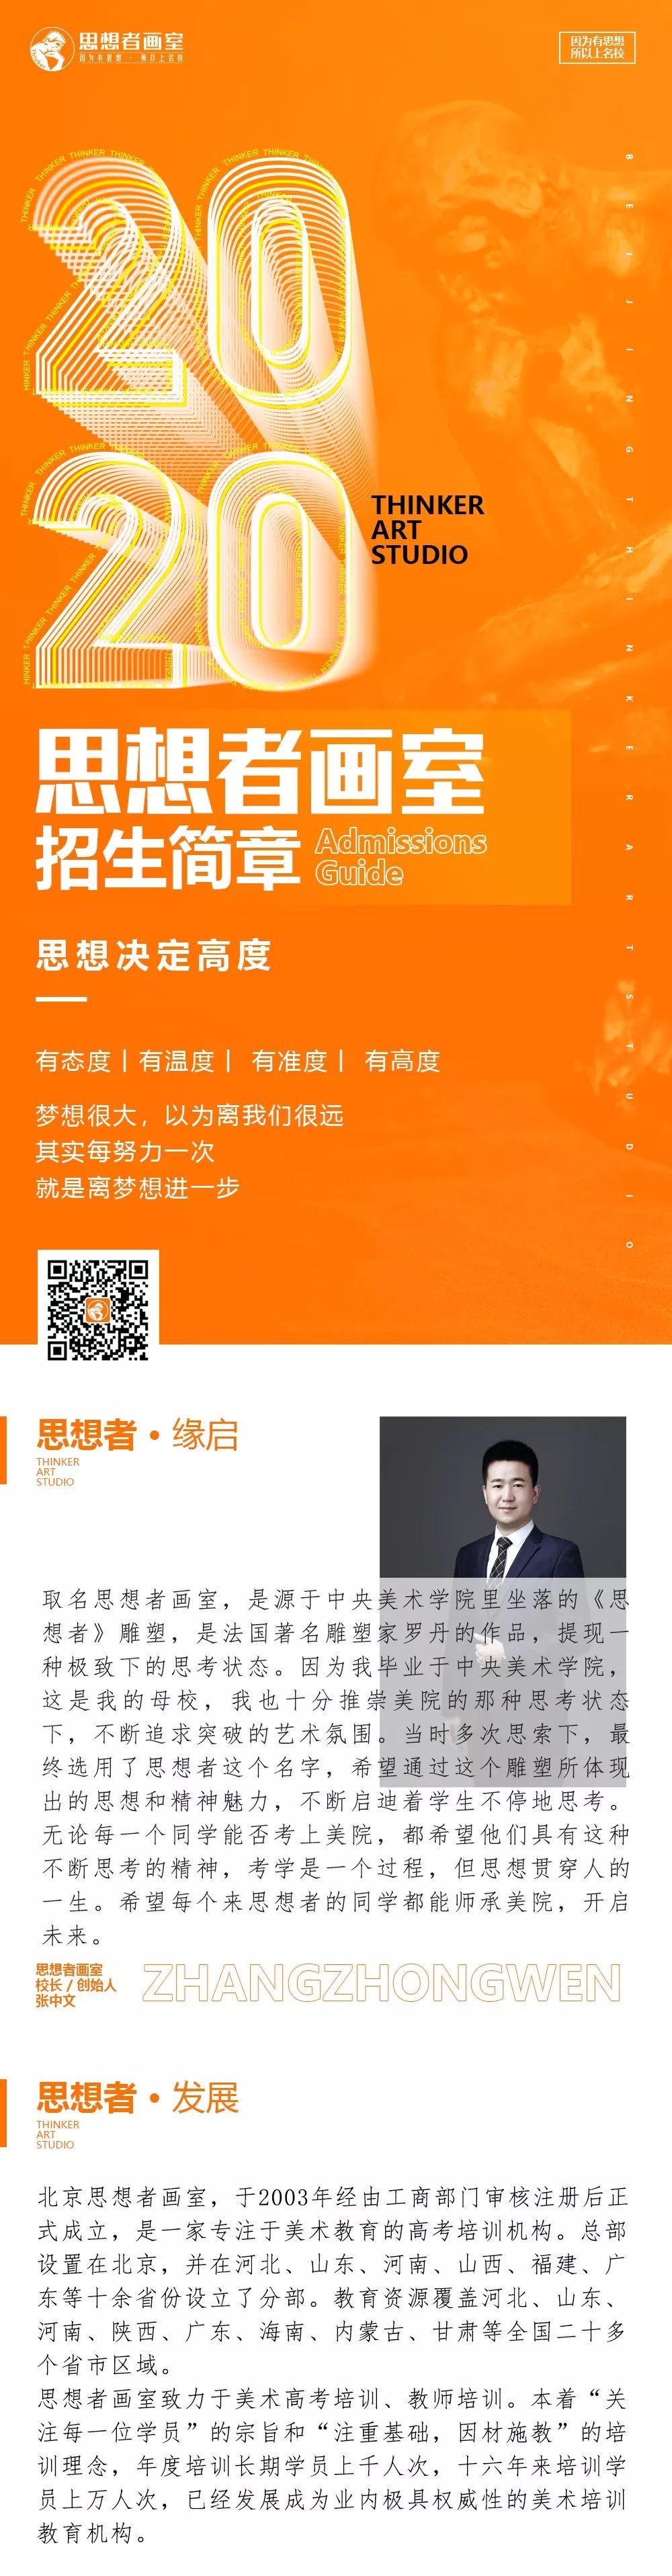 北京思想者画室预报名开启,北京画室招生,北京美术画室    01